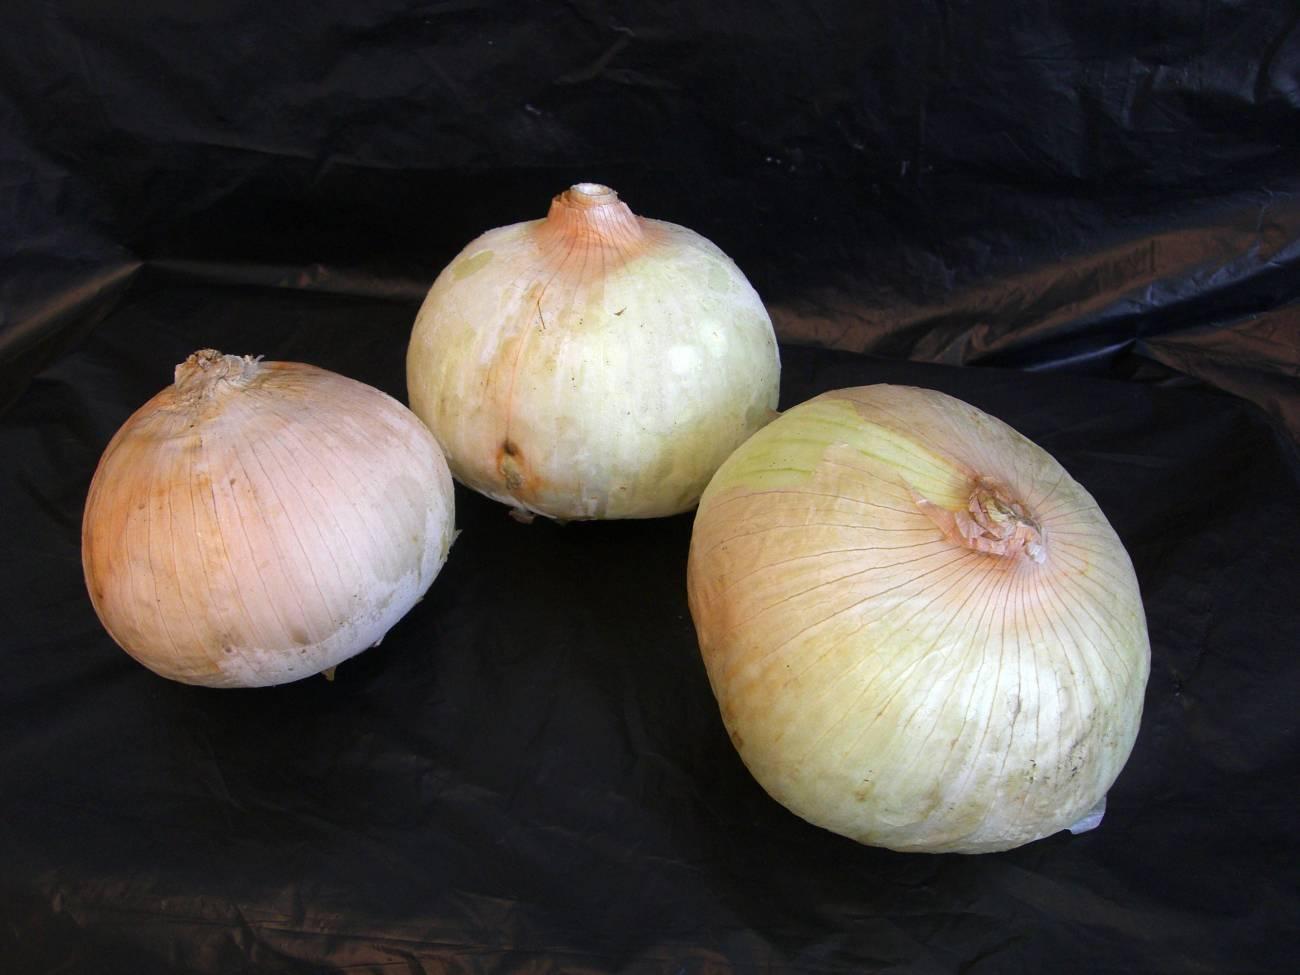 La cebolla, una alternativa natural a los conservantes artificiales